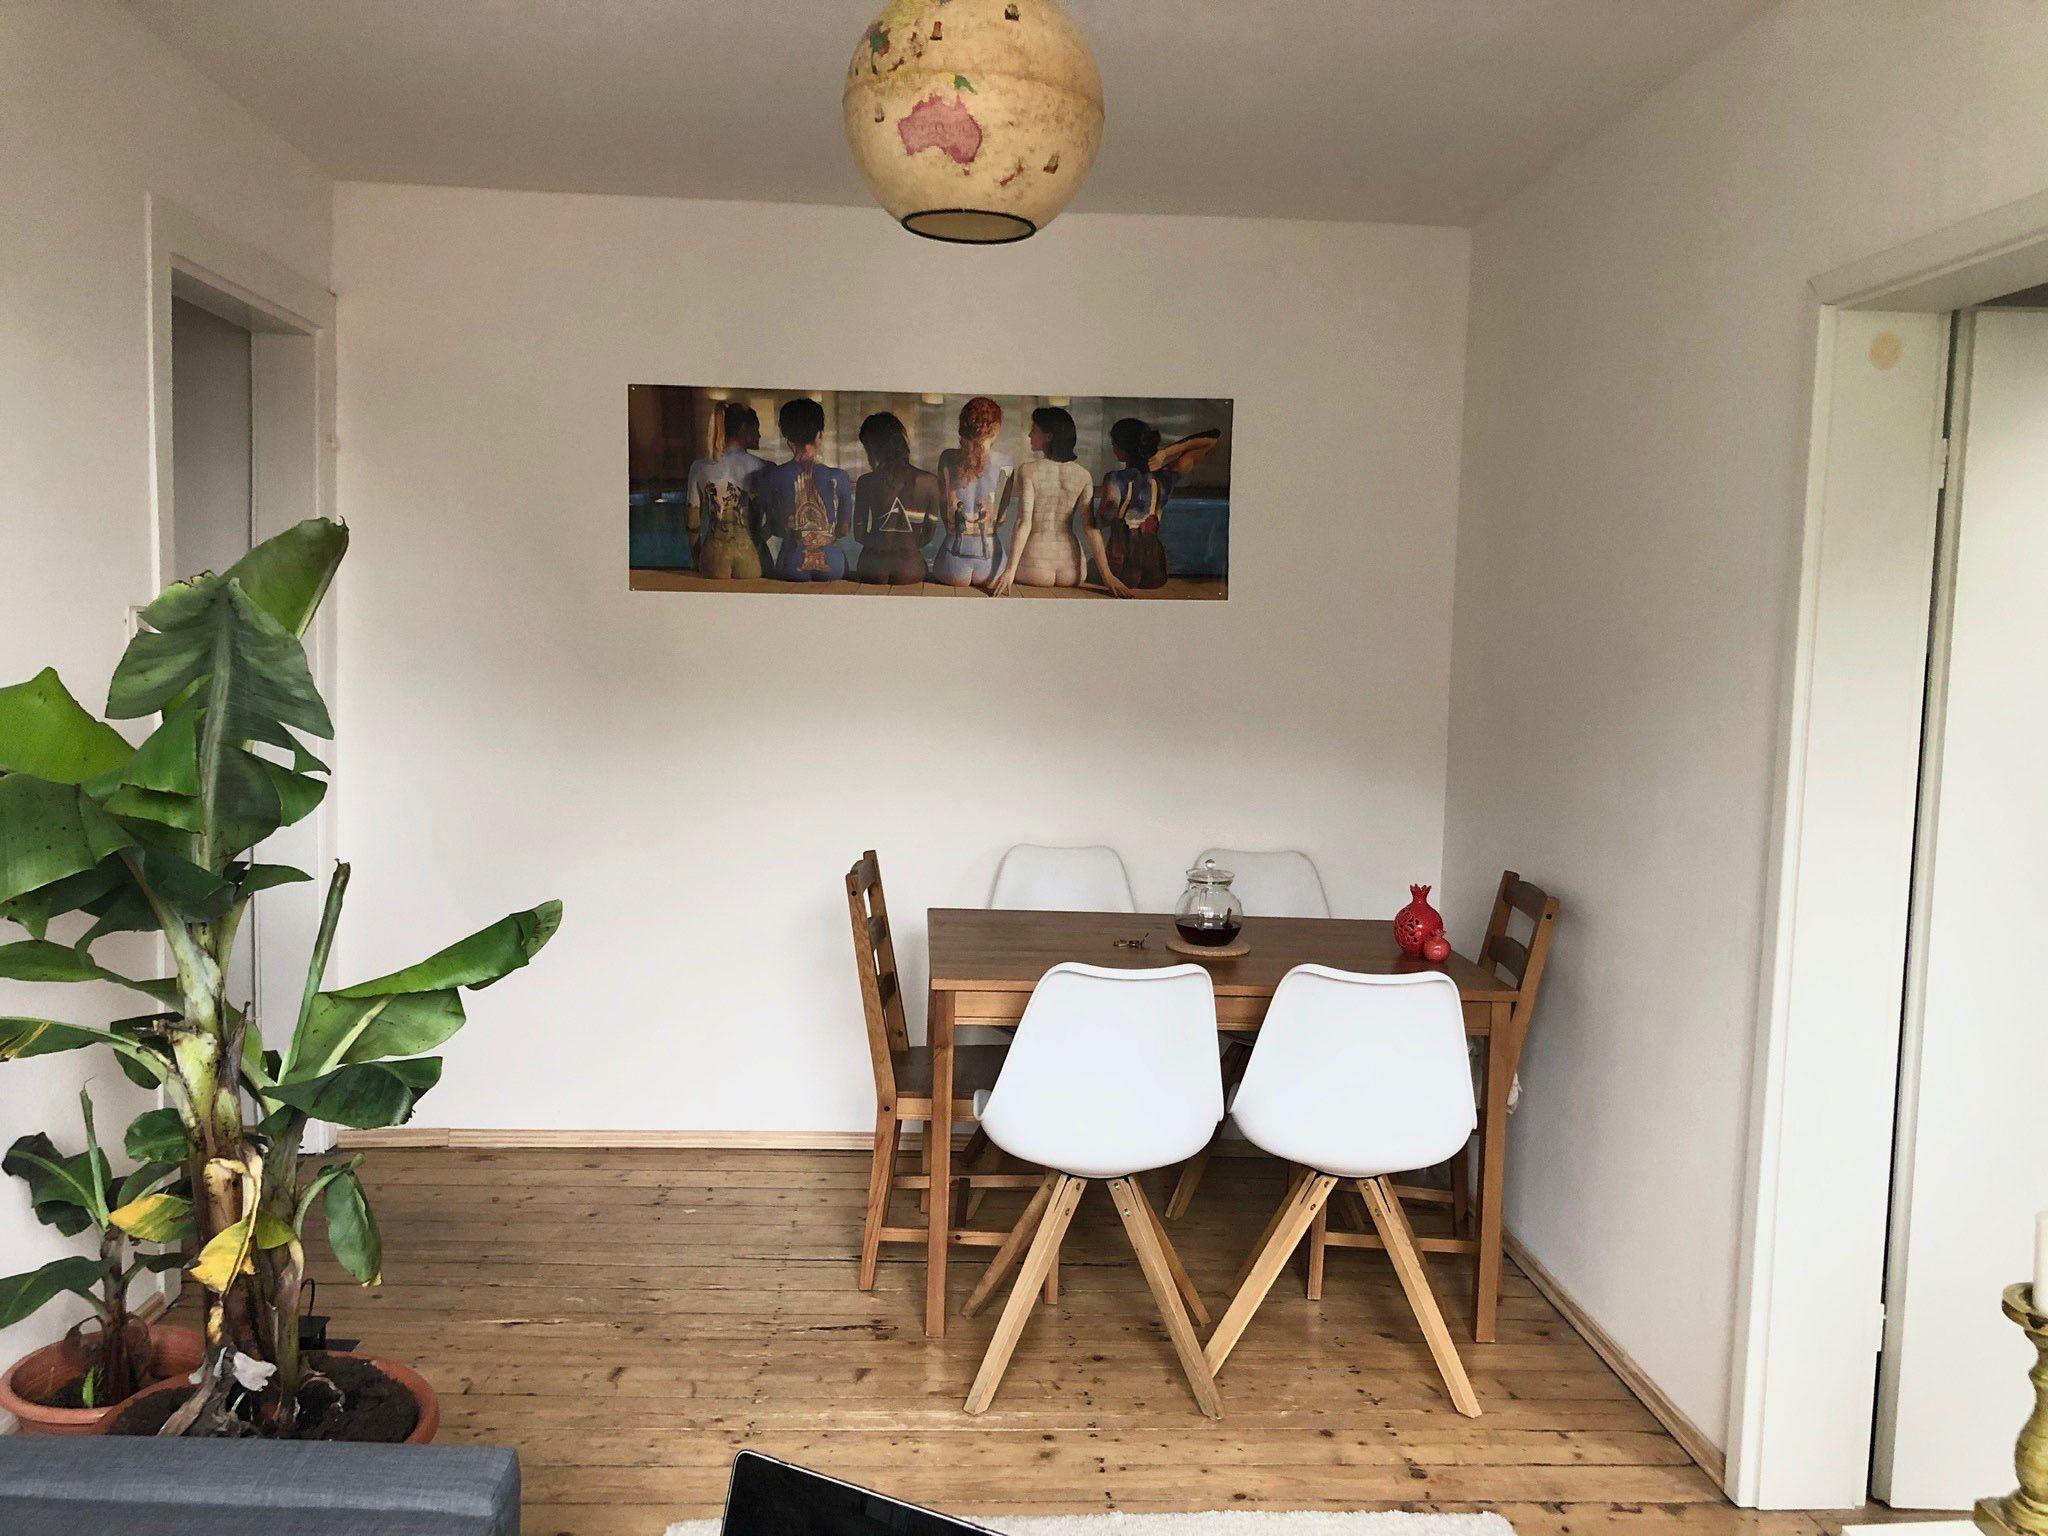 Essbereich In Mannheimer Wohnung Mit Deko Und Pflanzen Wggesucht Wg Esszimmer Holz Bild Frauen Mannheim Pflanze In 2020 Esszimmer Haus Deko Dekor